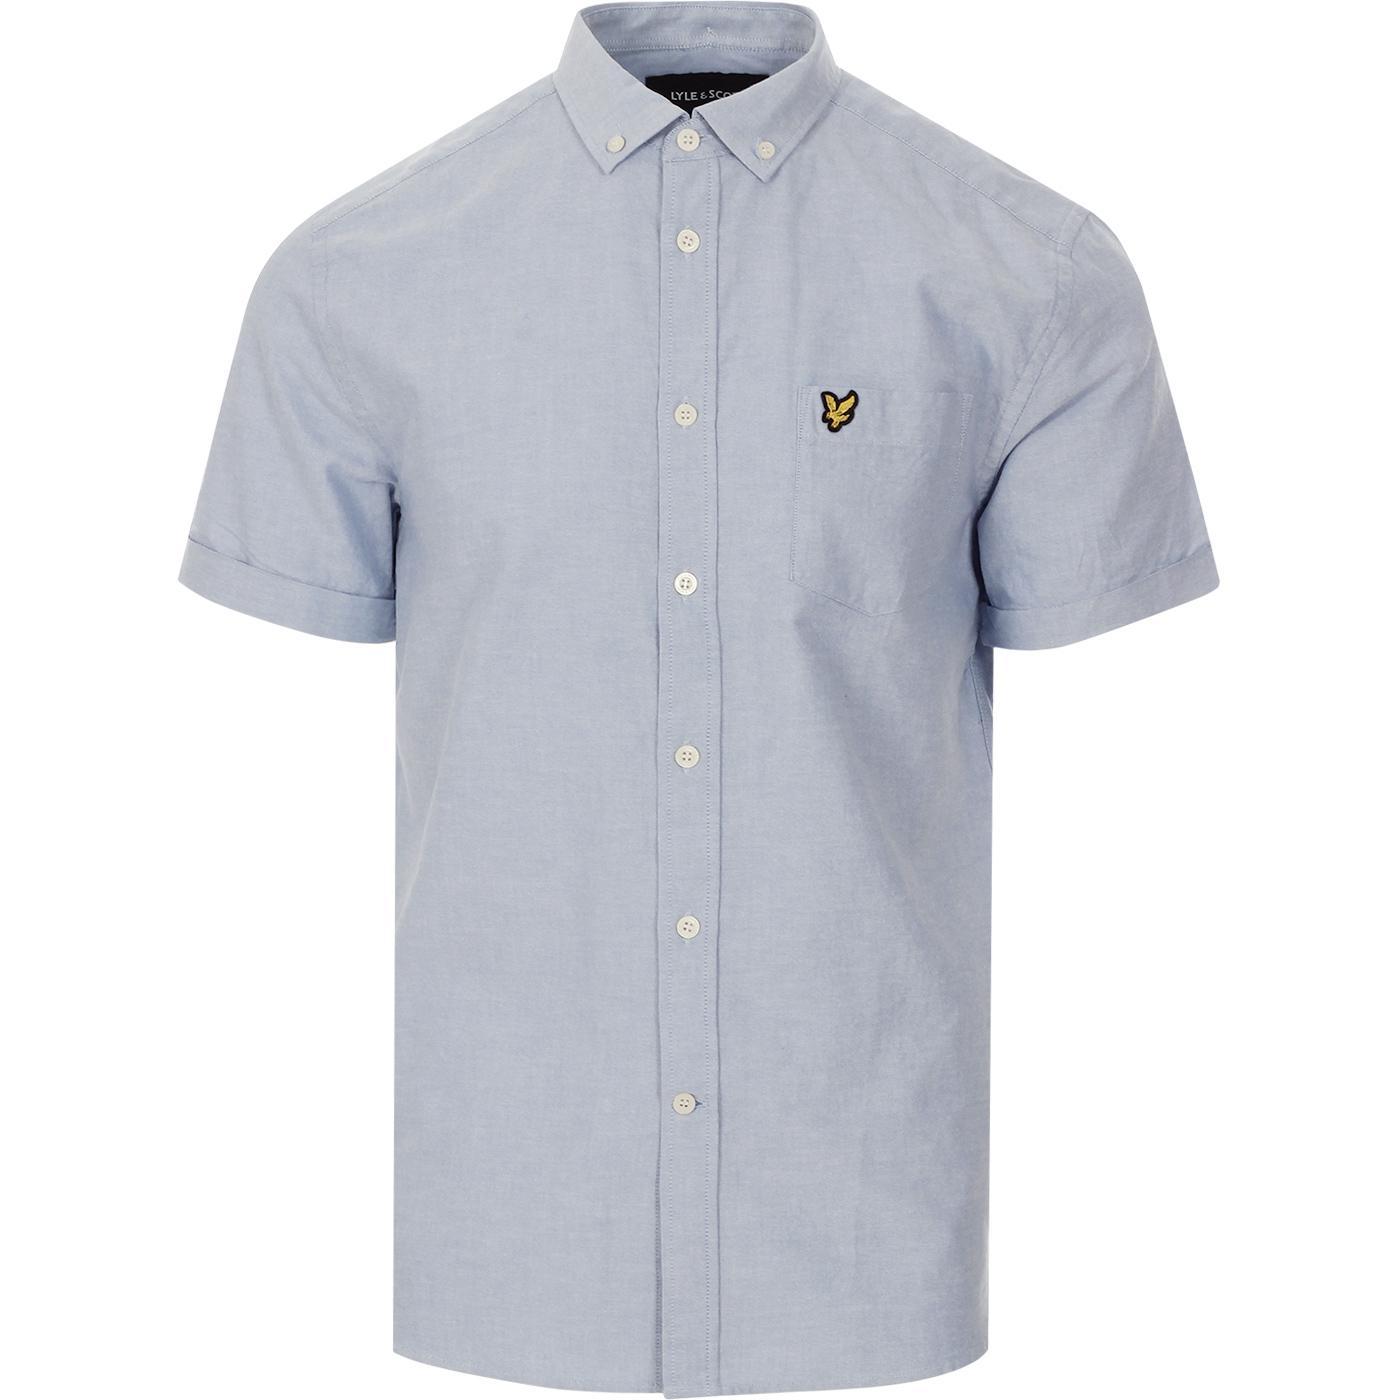 LYLE & SCOTT Men's Retro Mod S/S Oxford Shirt R